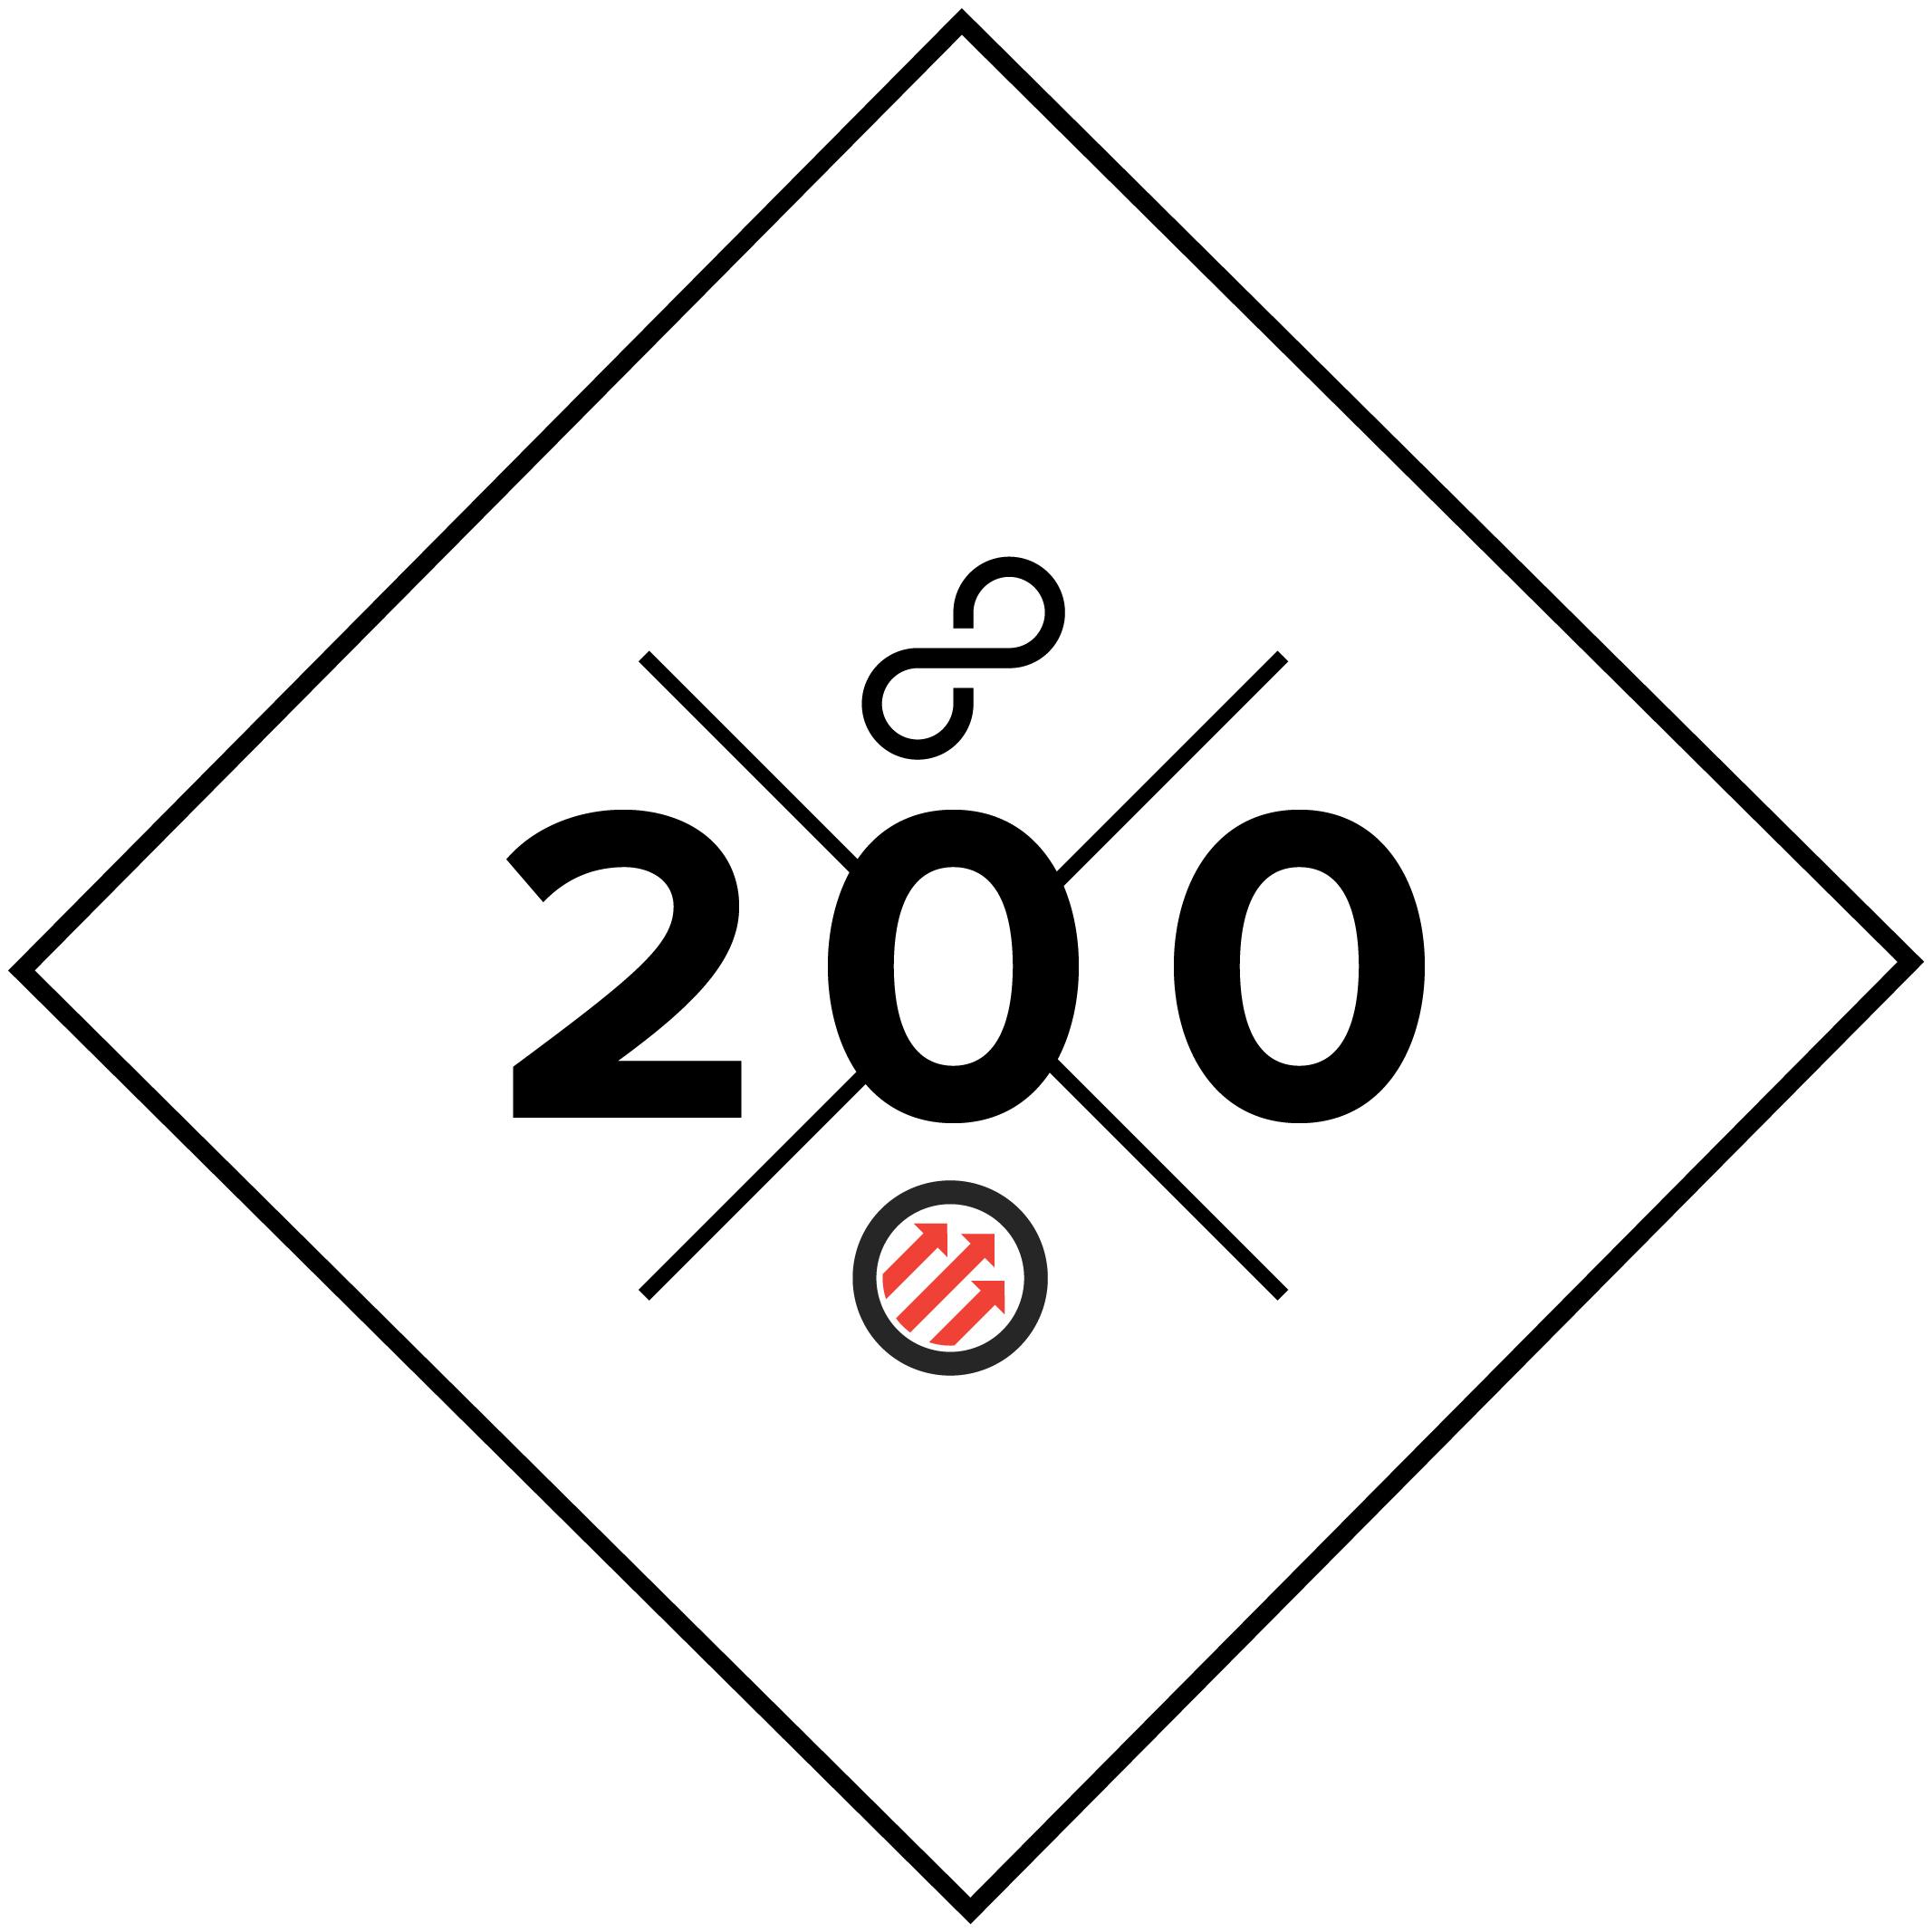 Pitchfork200-10.png